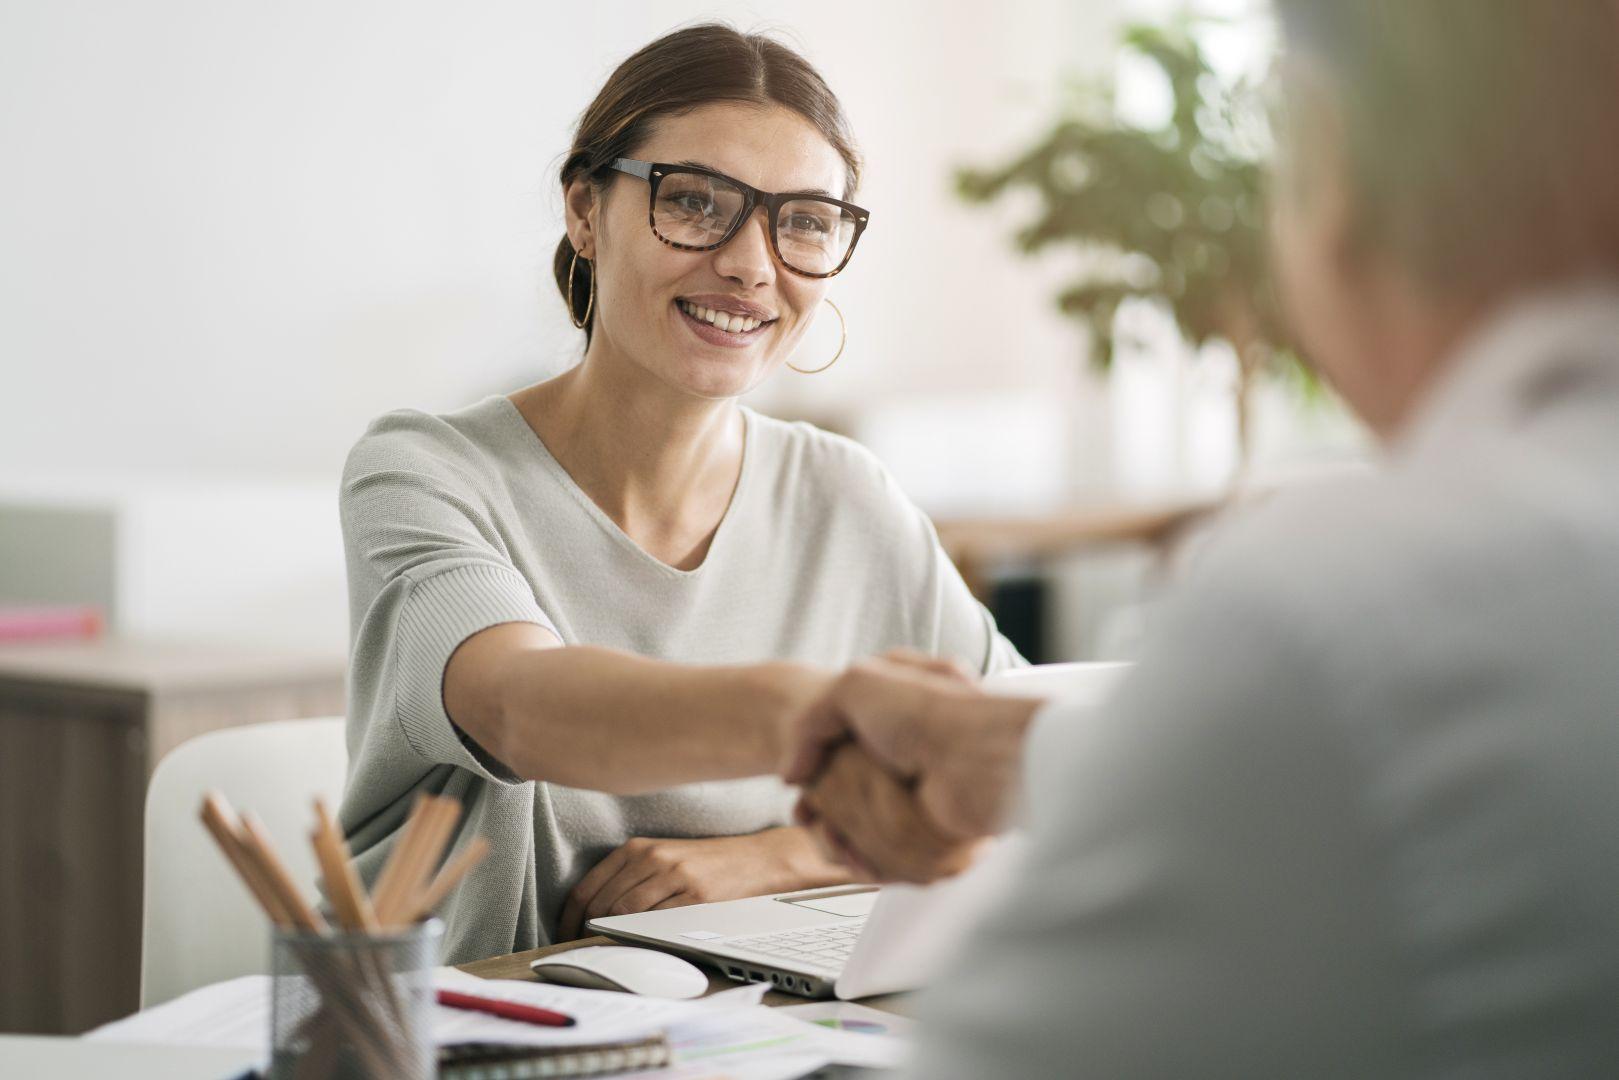 83% des dirigeants de l'immobilier envisagent de recruter dans les 3 prochaines années